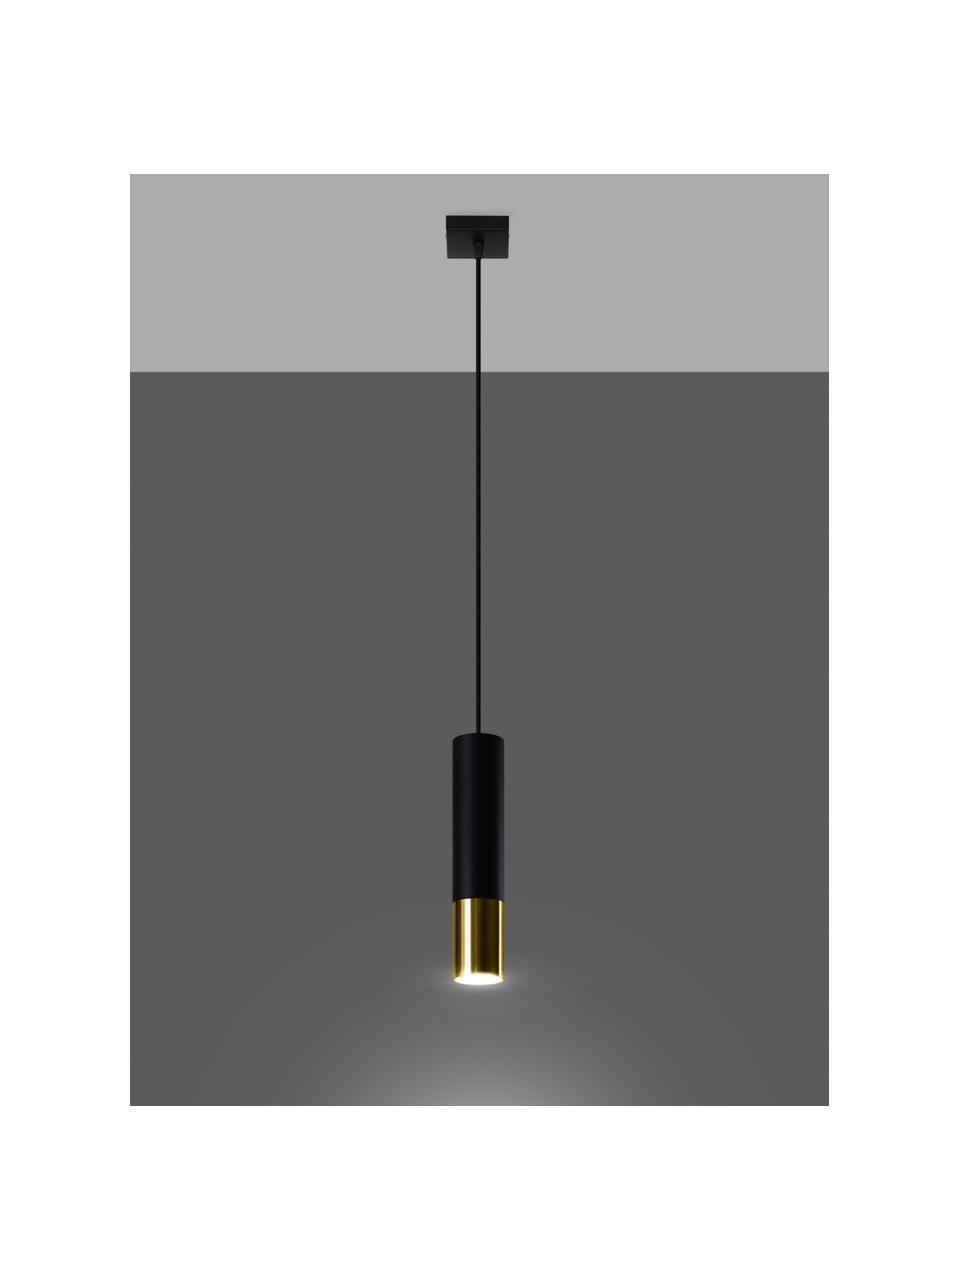 Kleine Pendelleuchte Longbot in Schwarz-Gold, Lampenschirm: Stahl, beschichtet, Baldachin: Stahl, beschichtet, Schwarz, Goldfarben, Ø 6 x H 30 cm